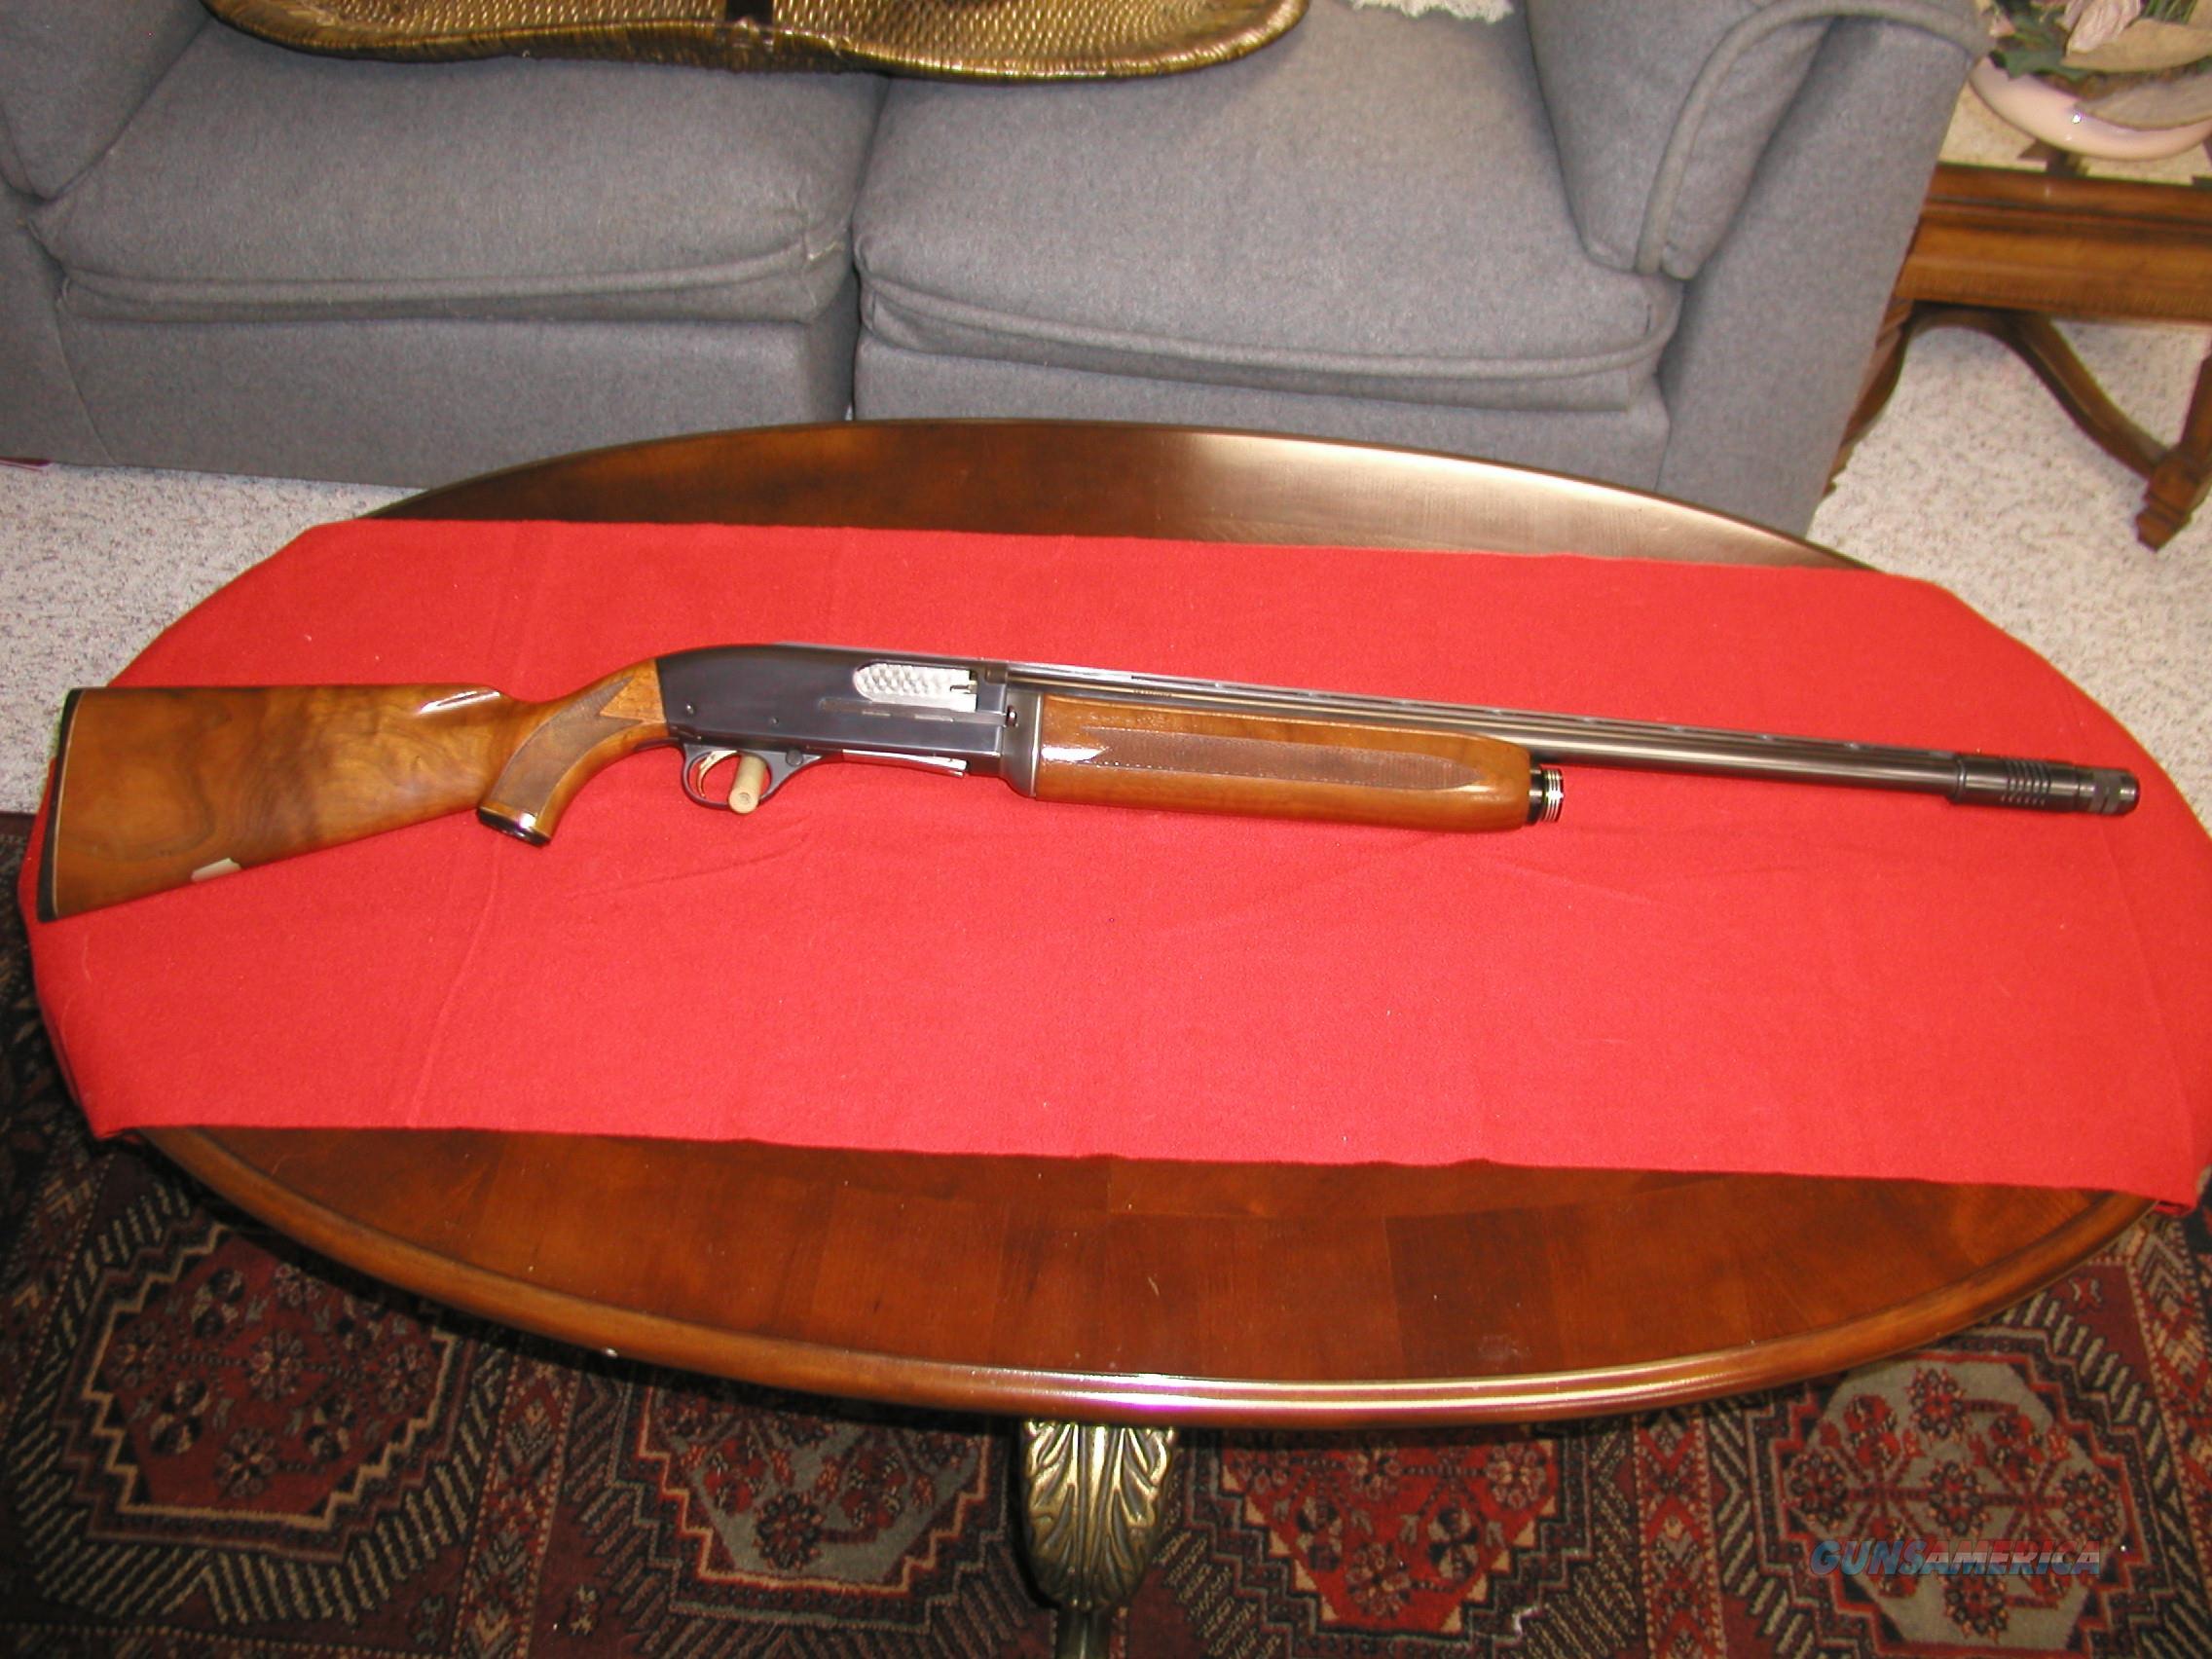 J.C.HIGGINS, Model 66, semi-auto Shotgun, 12 Ga.  Guns > Shotguns > JC Higgins Shotguns